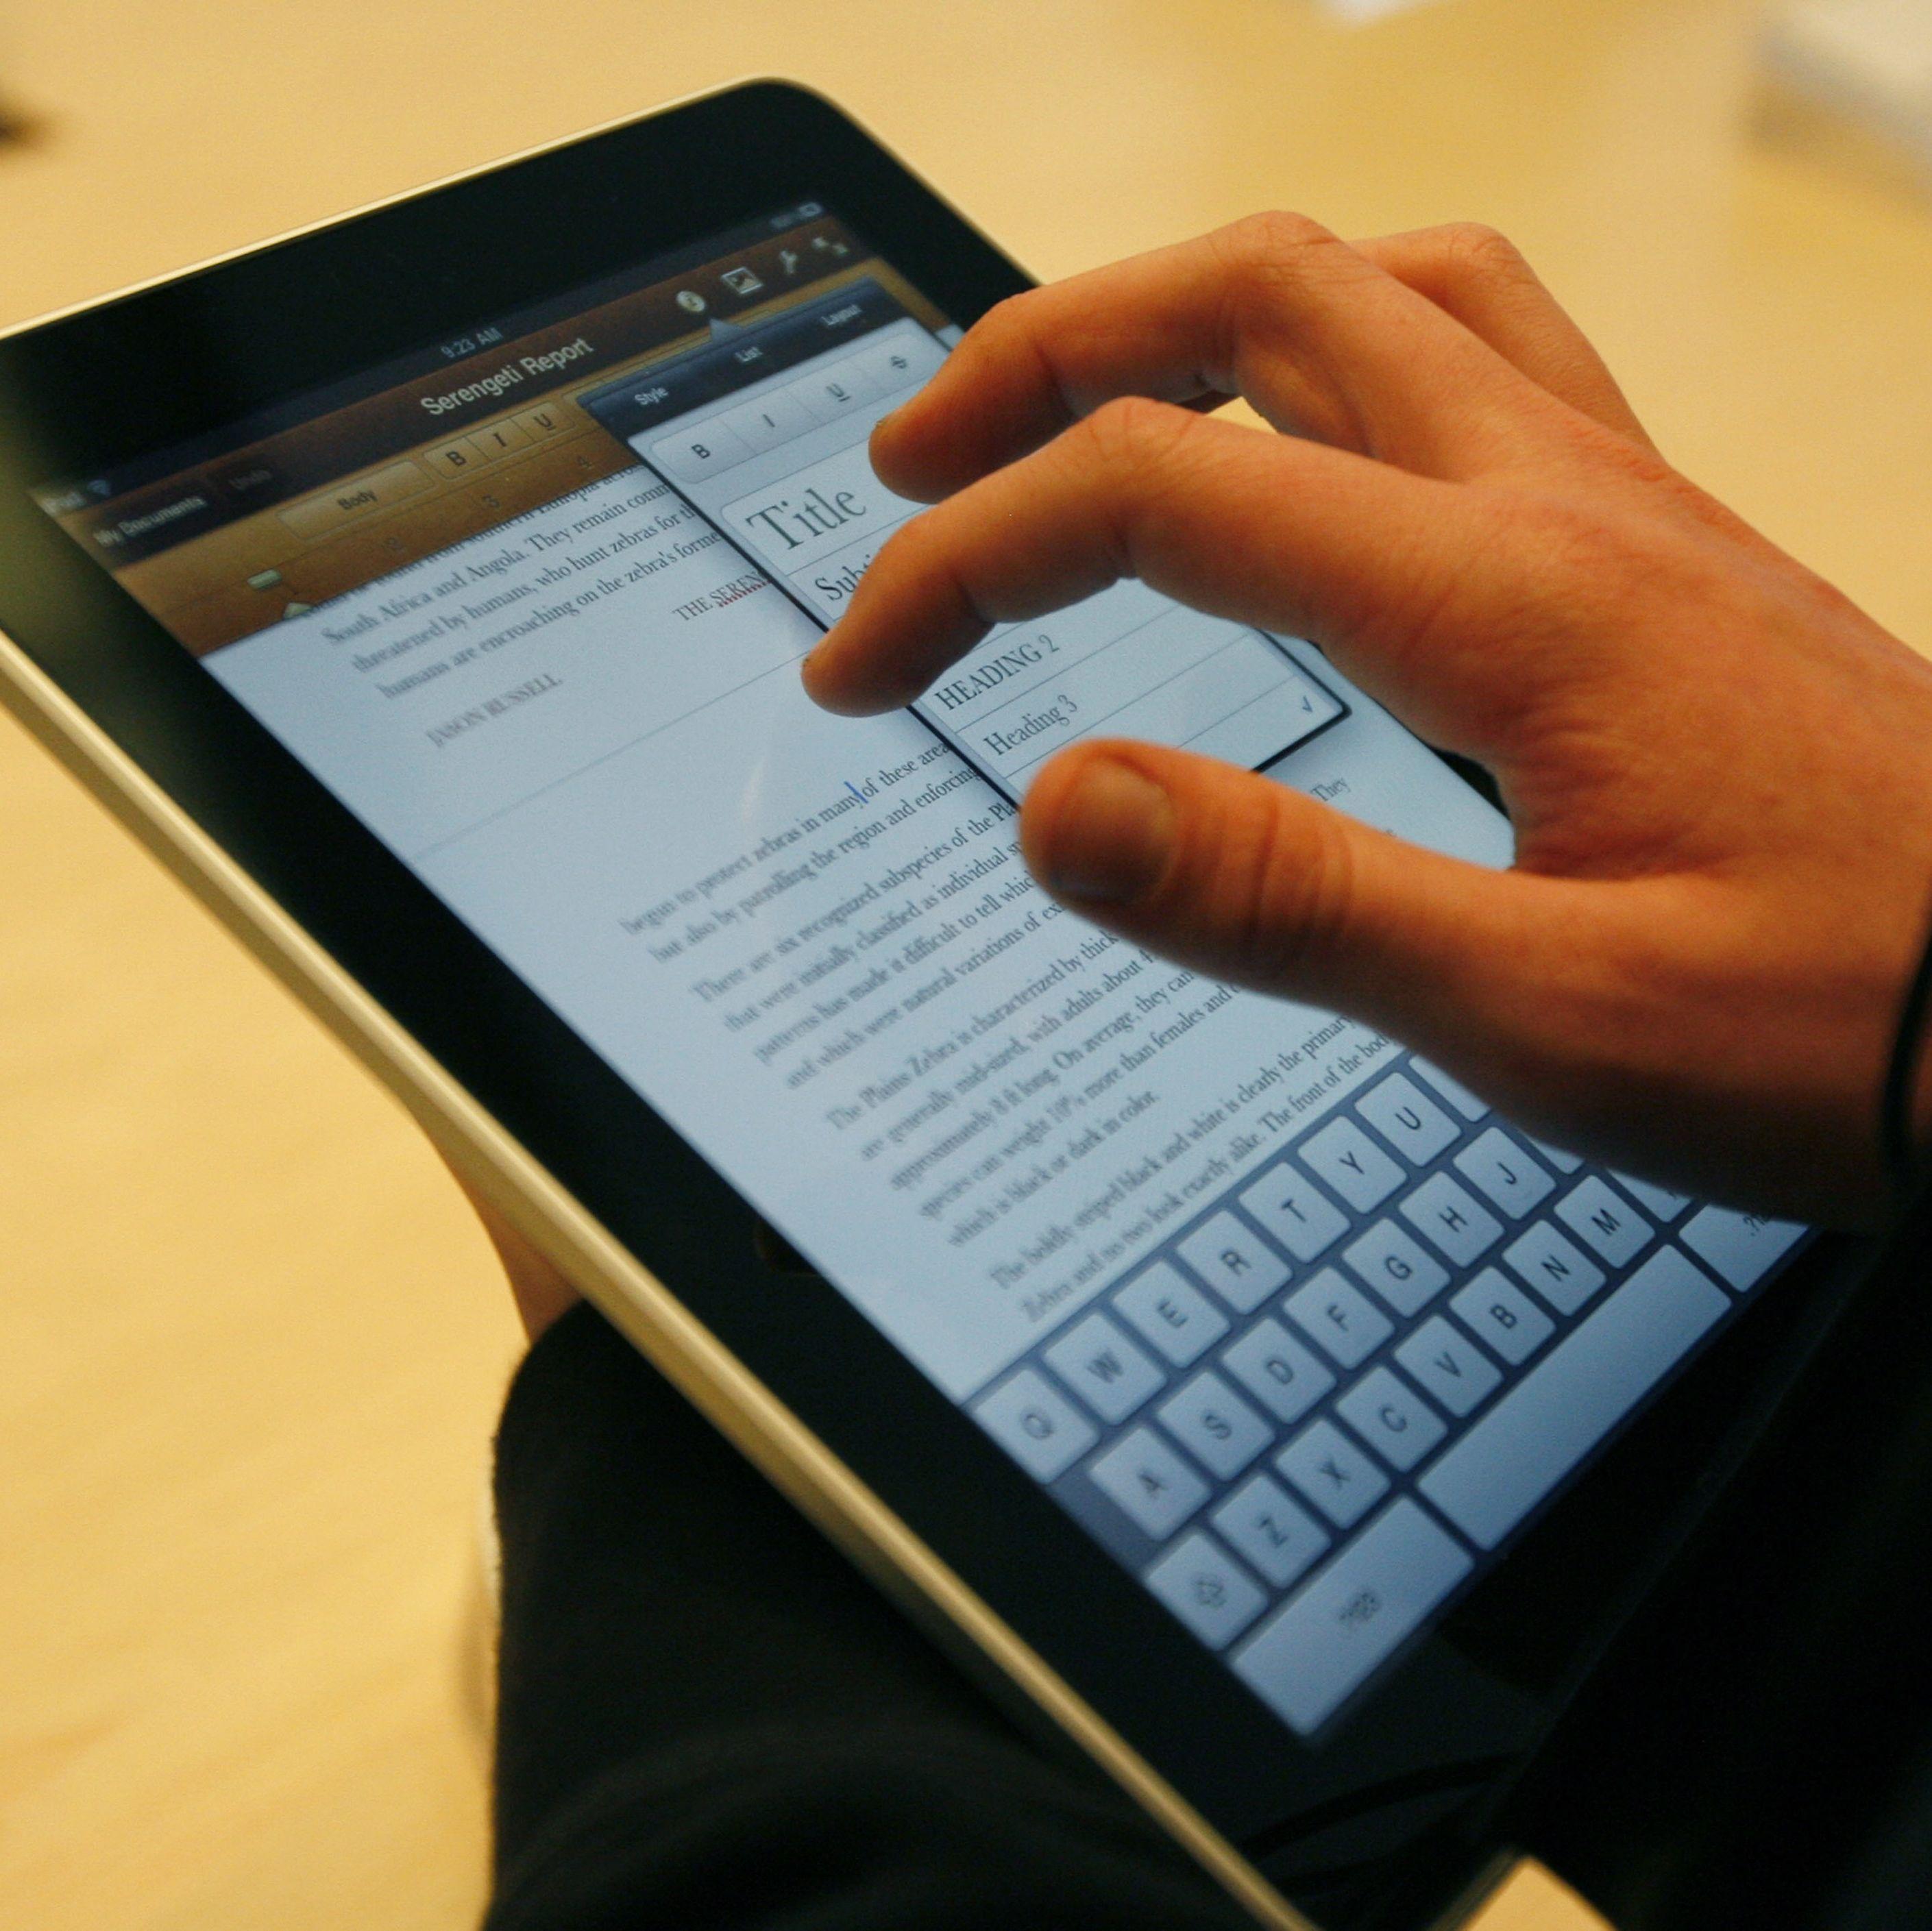 Президентски син влезе в Гинес с iPad